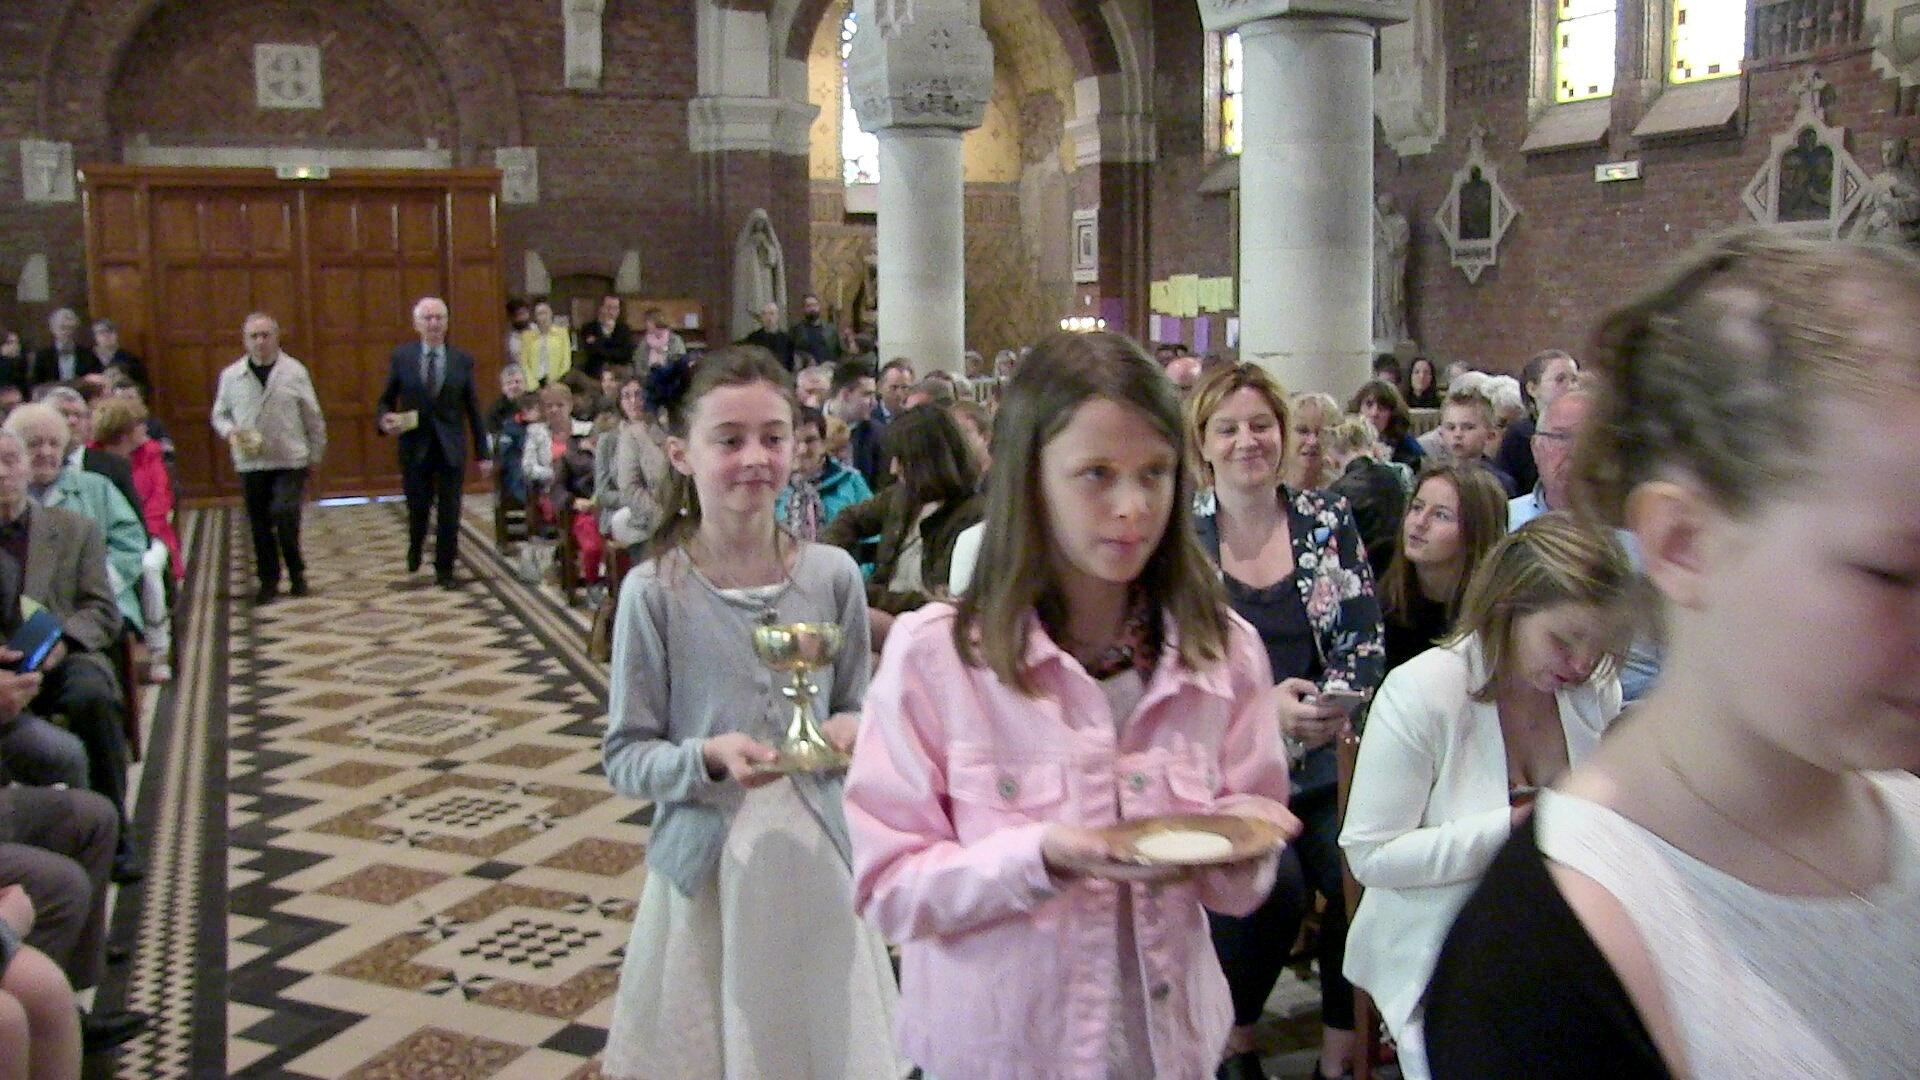 2019-05-12-entrées eucharistie (64)